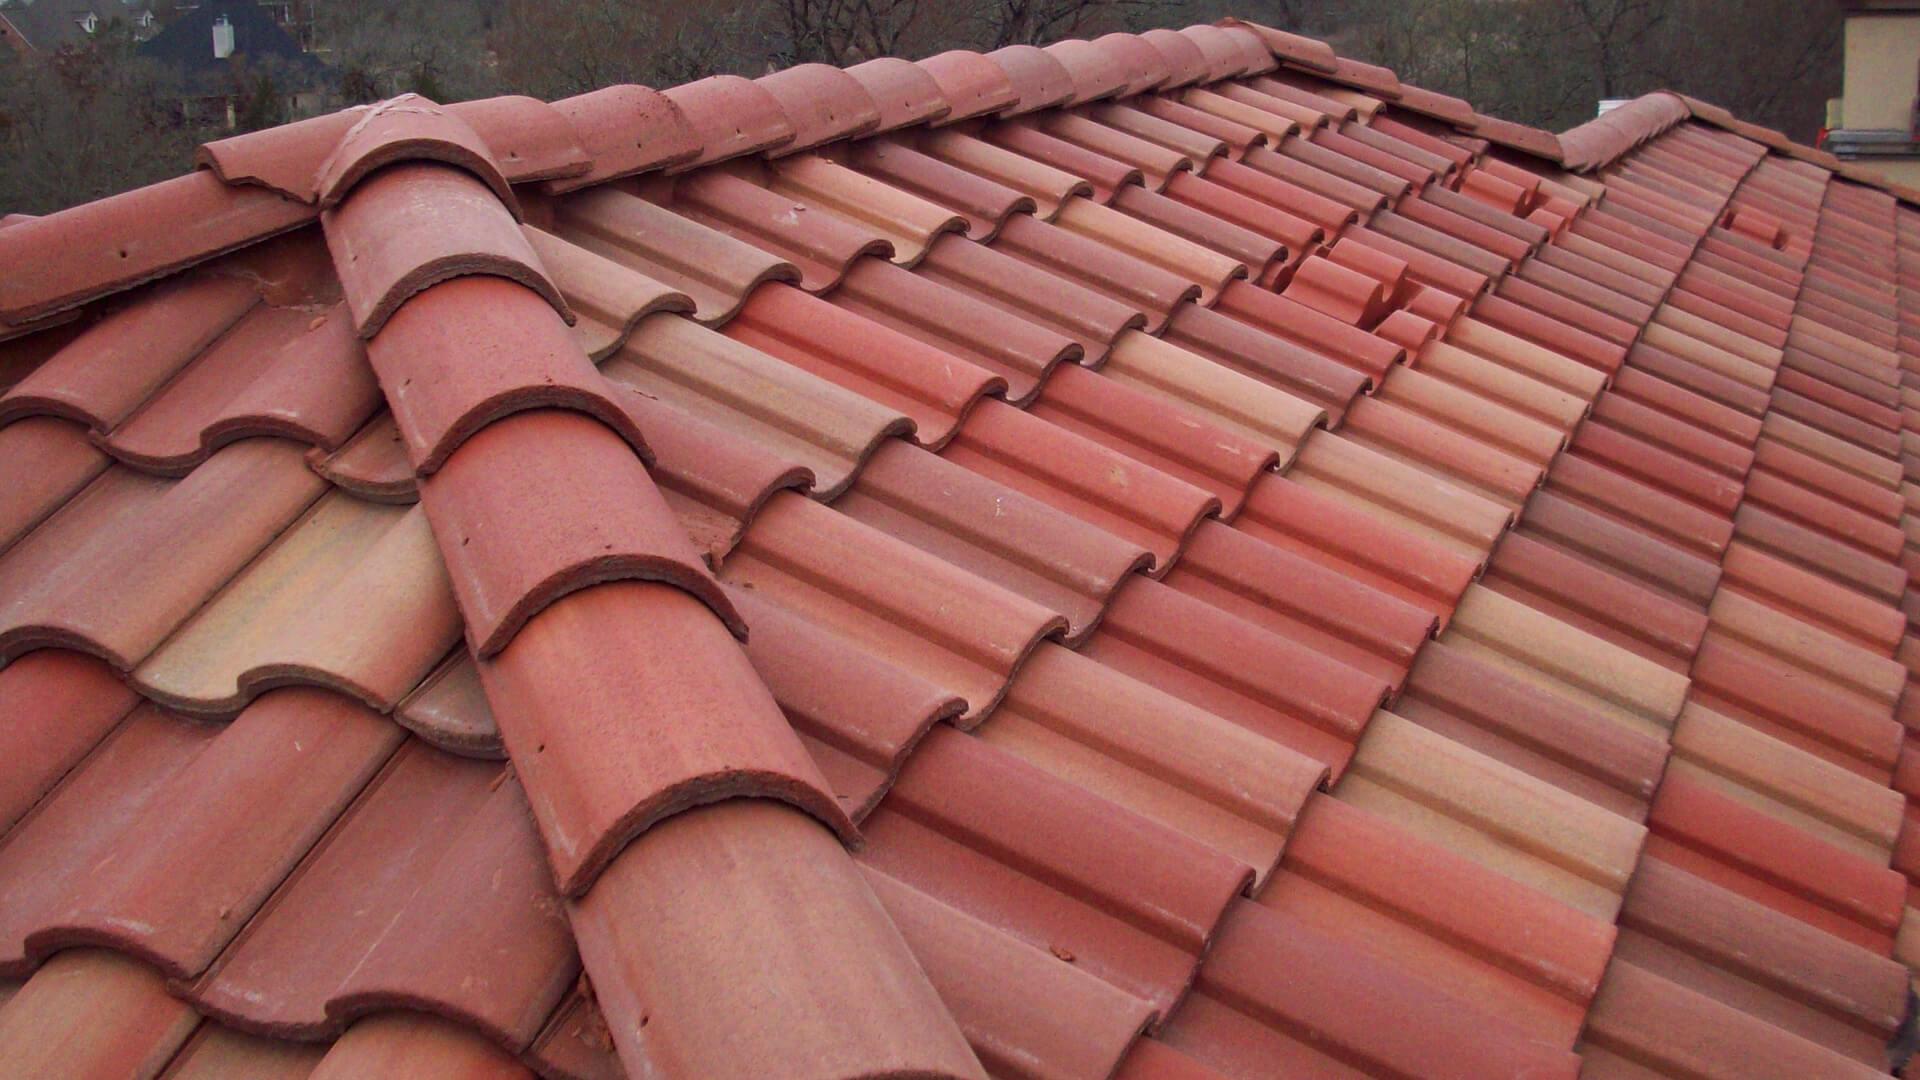 Concrete Tiles - Schulte Roofing